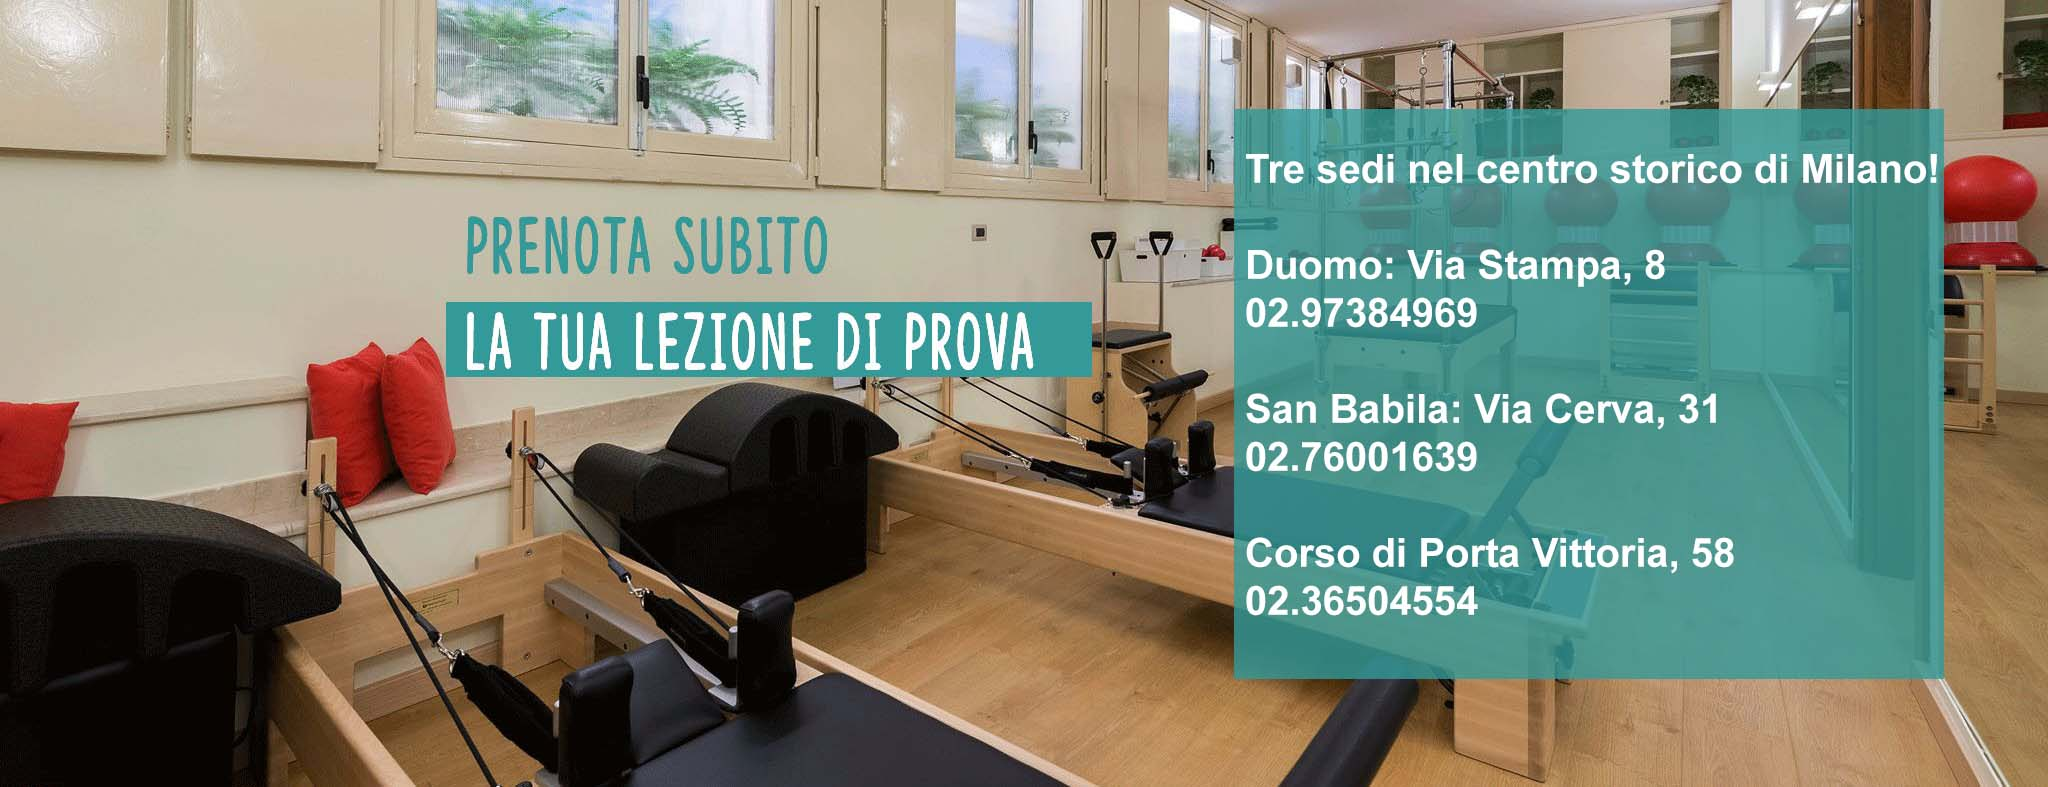 Lezioni Pilates Ronchetto Sul Naviglio Milano - Prenota subito la tua lezione di prova